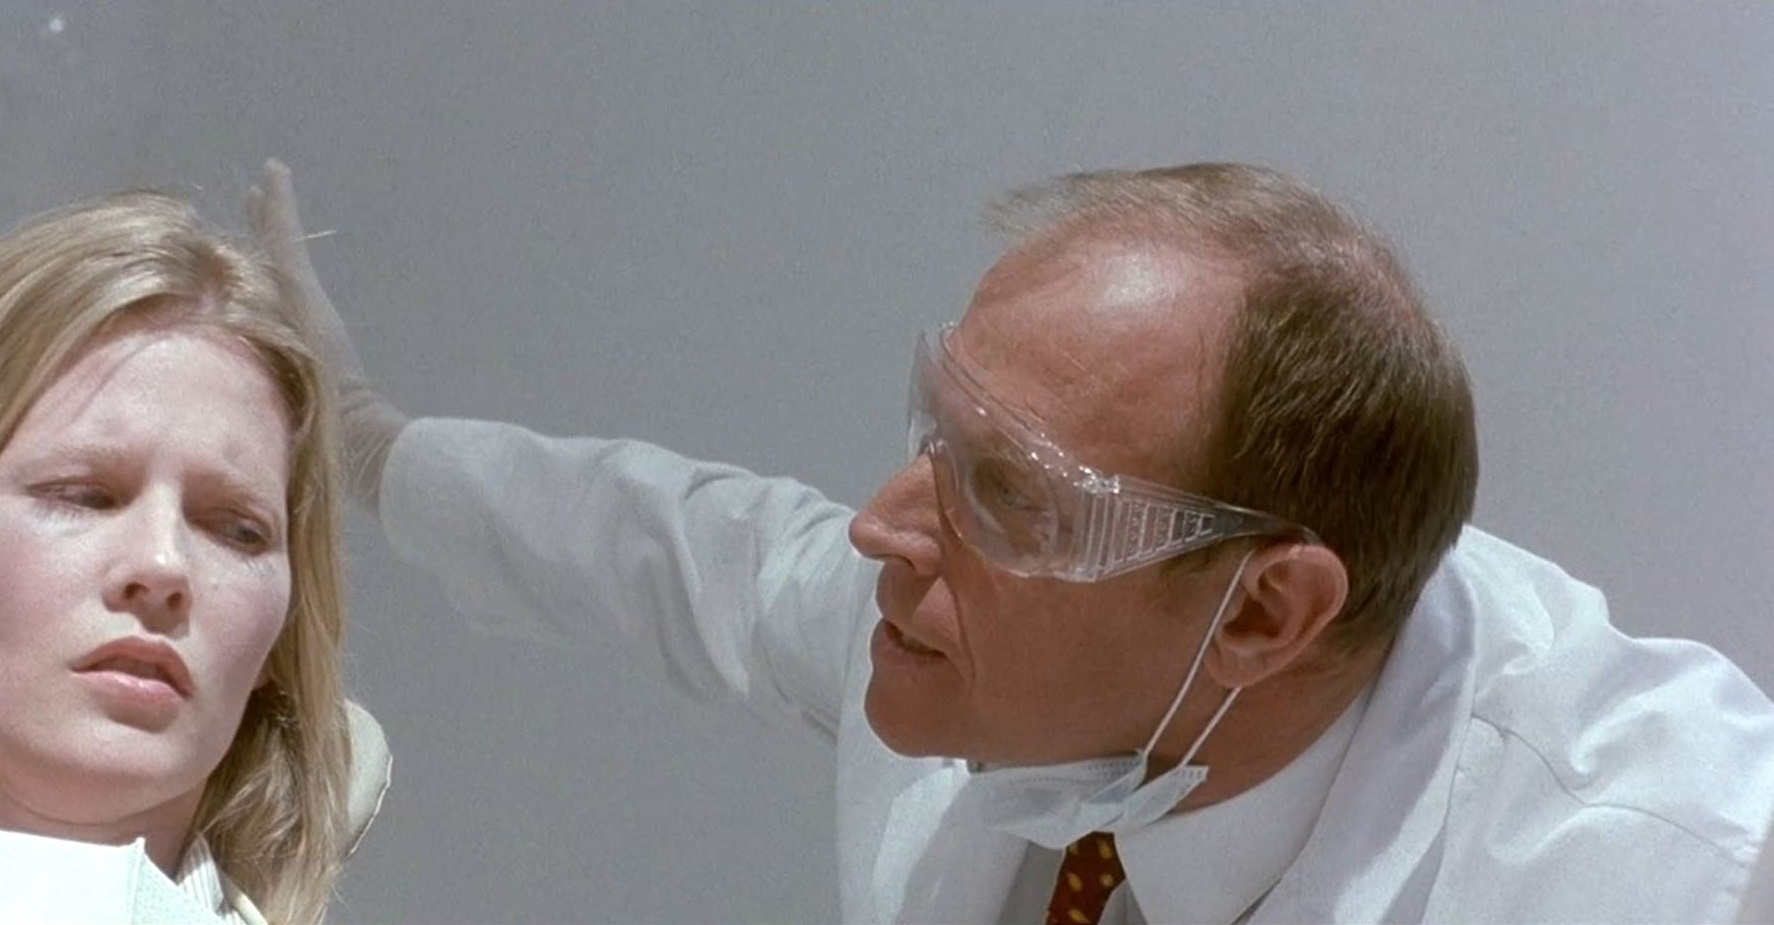 Corbin Benrsen and Jillian McWhirter in The Dentist 2 (1998)